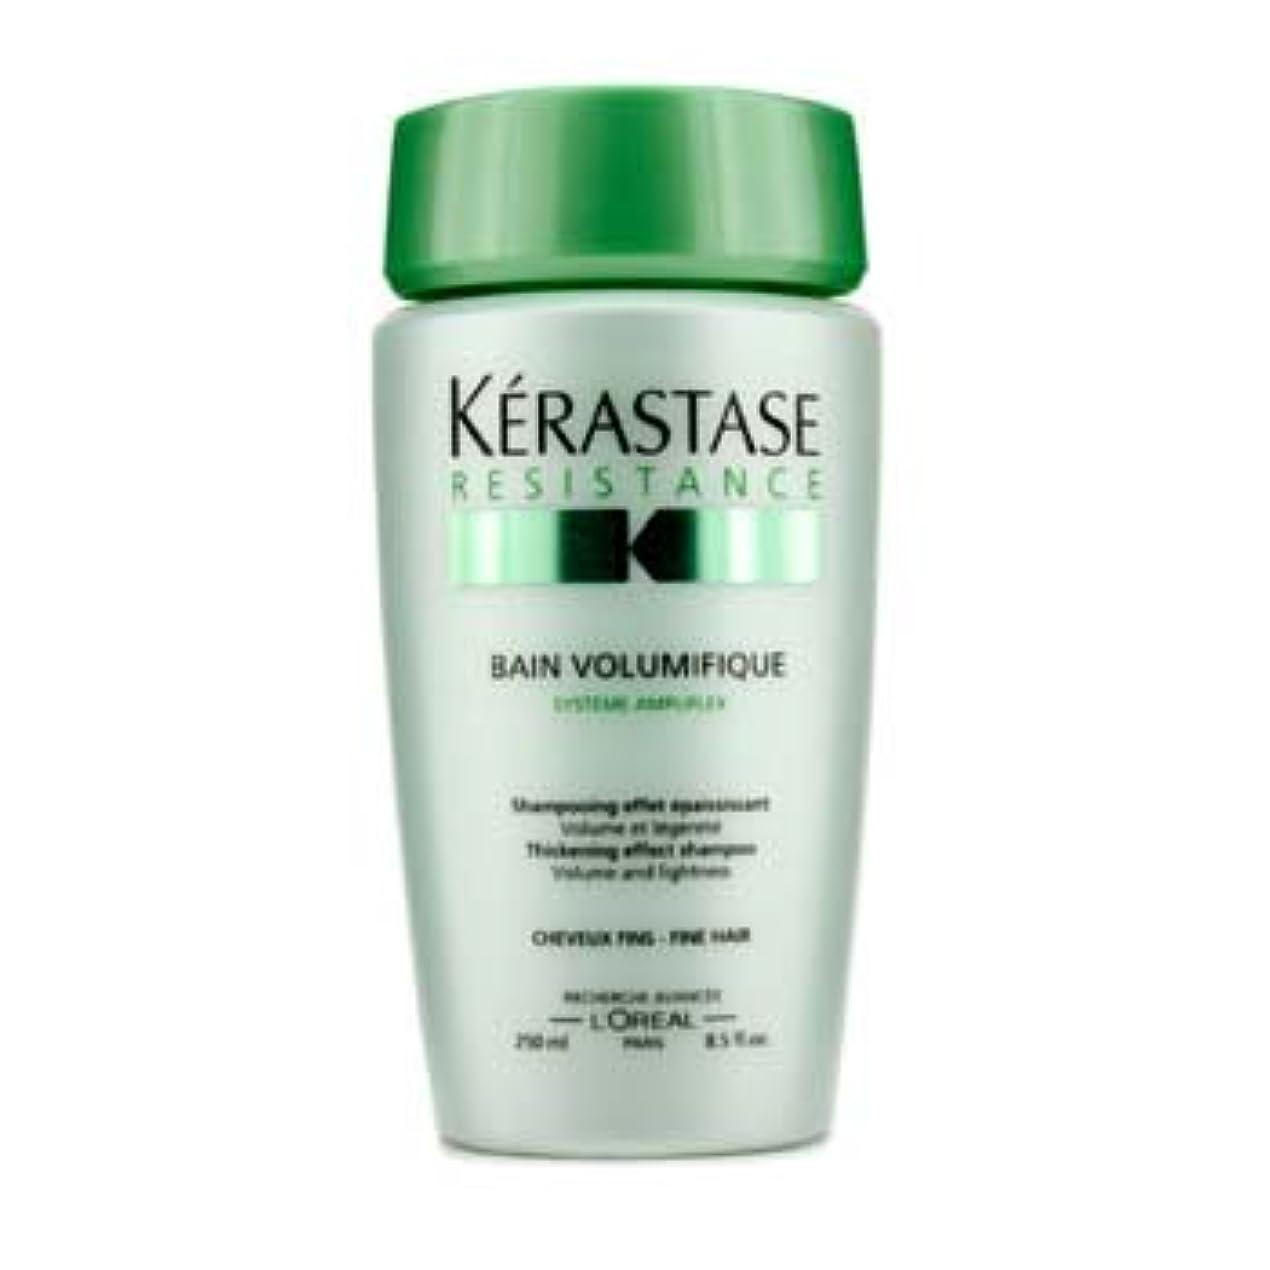 販売員症候群運動する[Kerastase] Resistance Bain Volumifique Thickening Effect Shampoo (For Fine Hair) 250ml/8.5oz